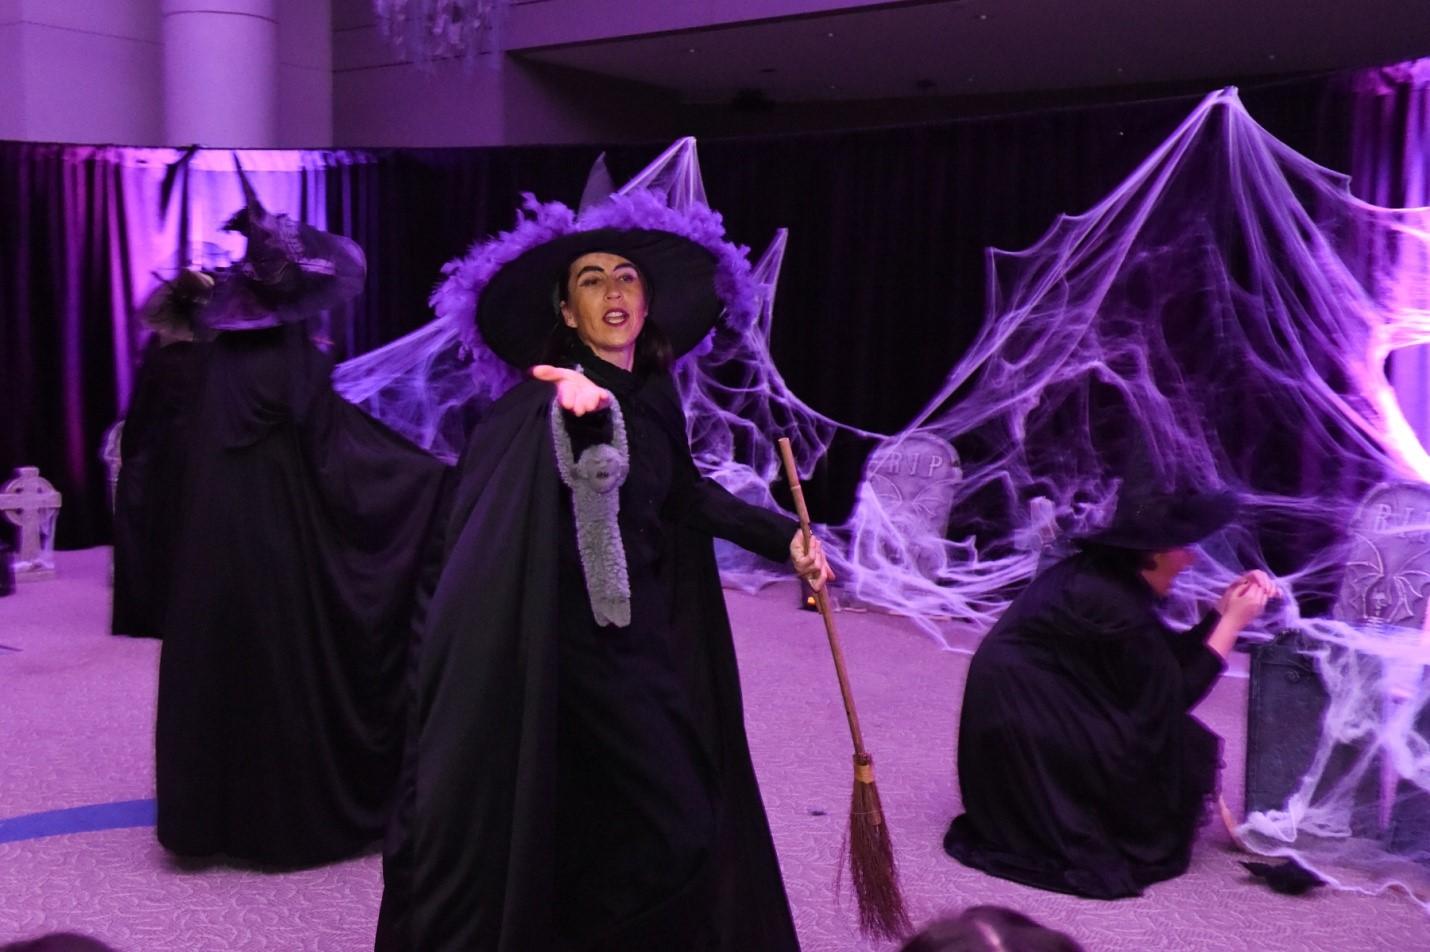 Witches around a cauldron